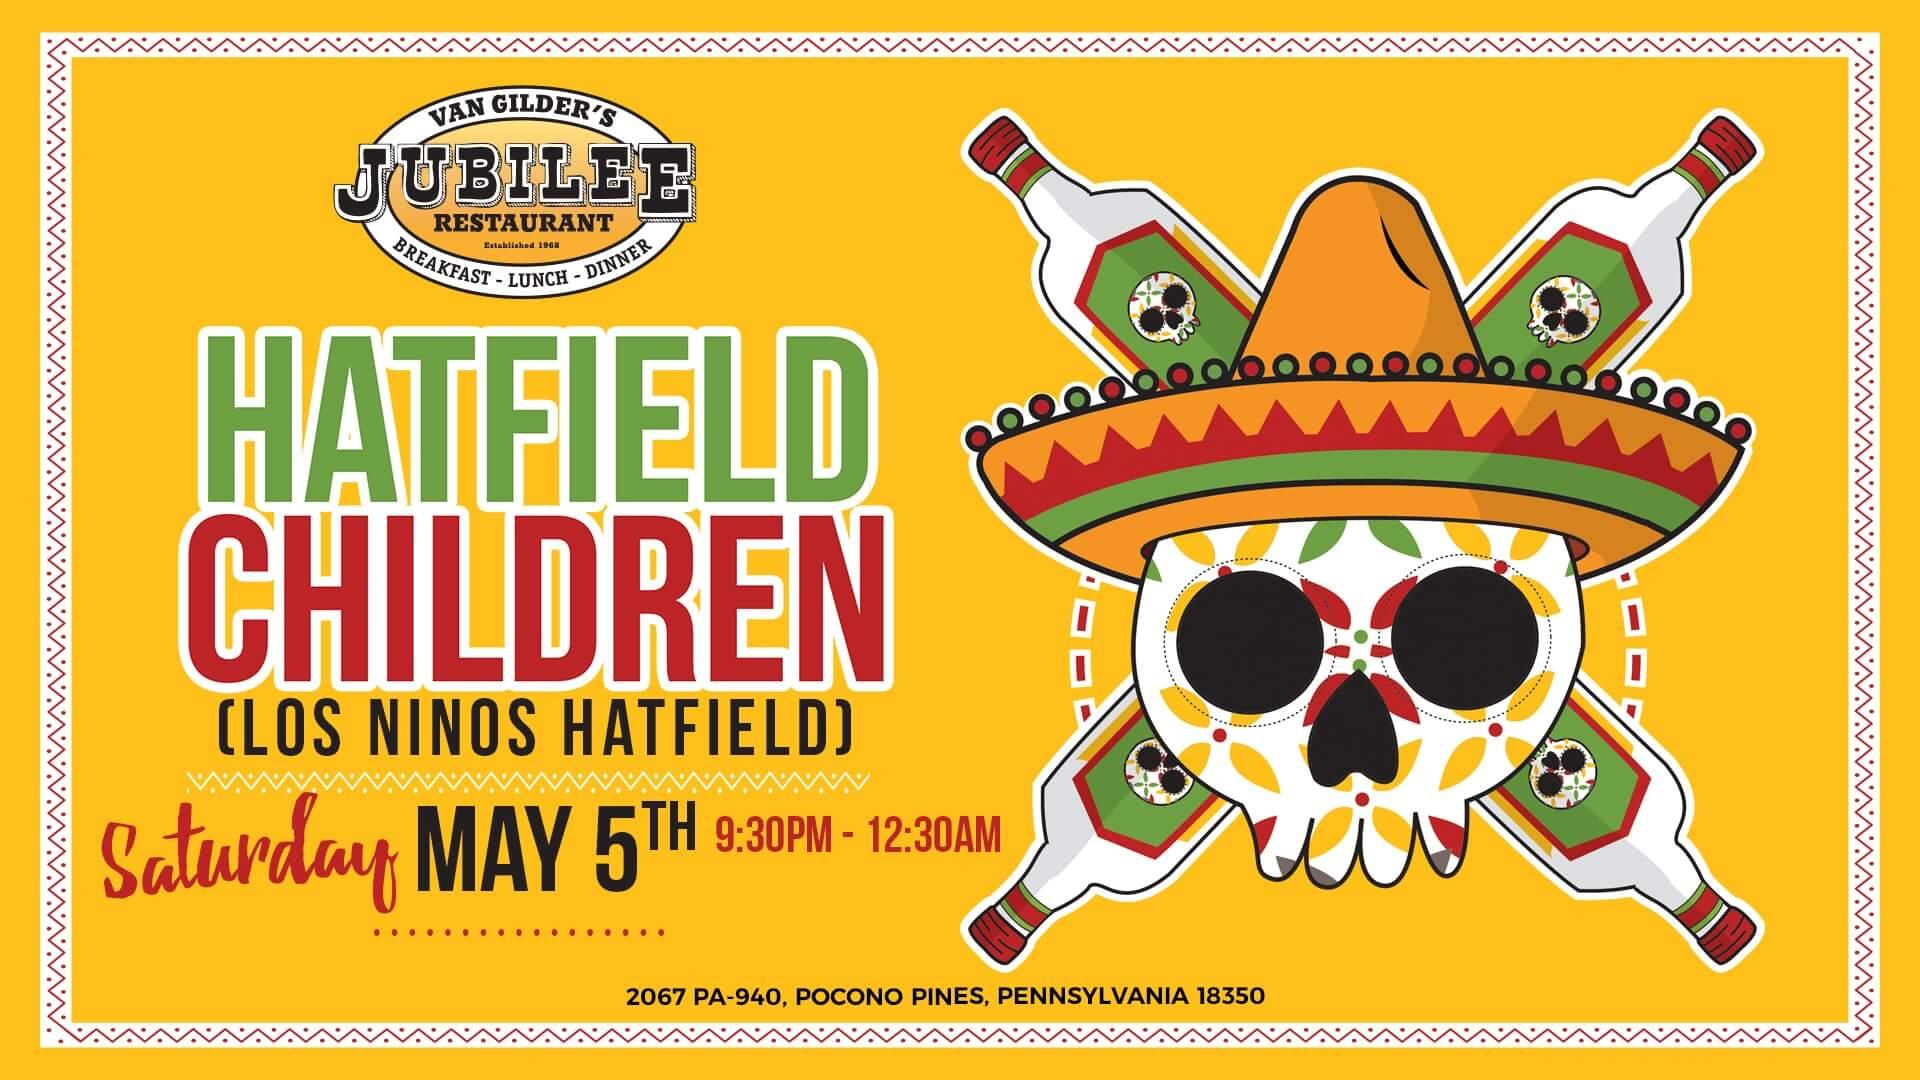 The Hatfield Children (Los Ninos Hatfield)